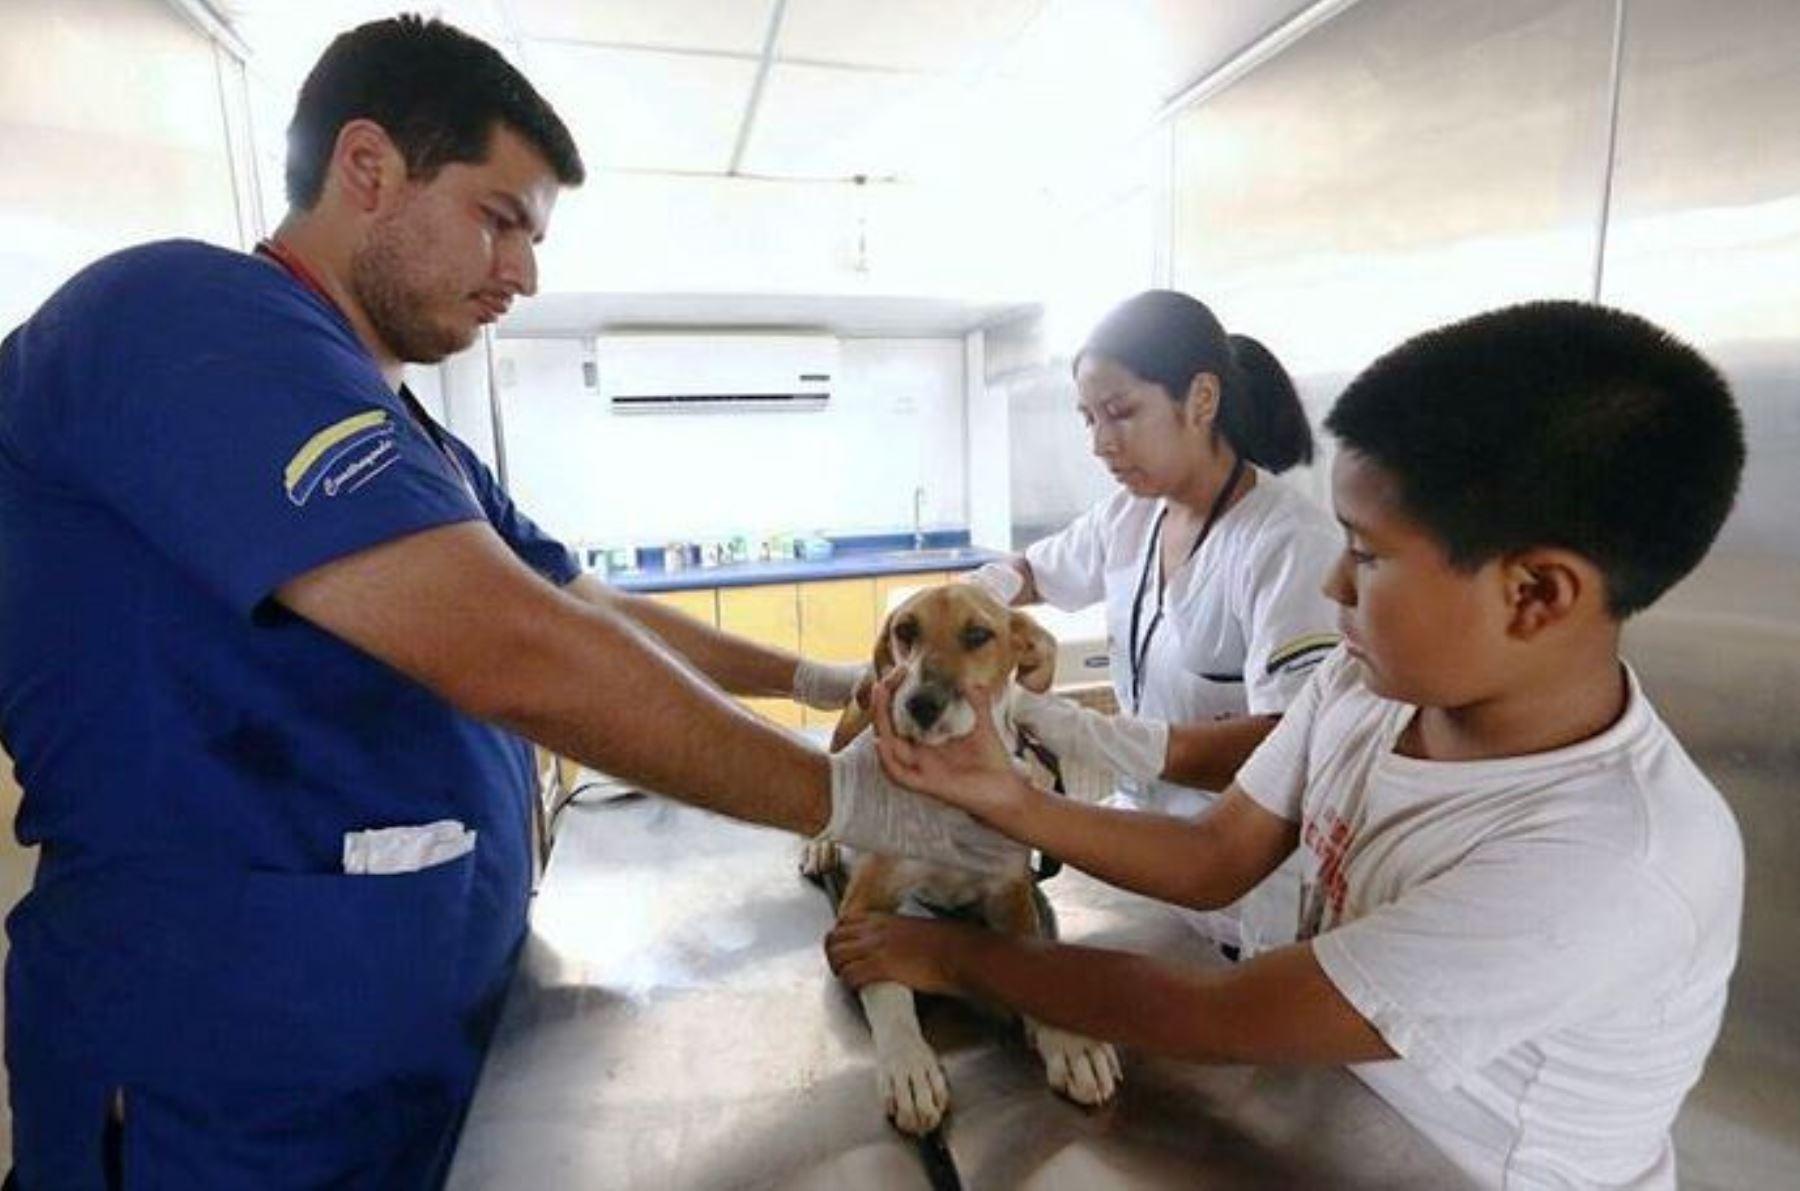 Brindan atención veterinaria a mascotas afectadas por emergencias en Carapongo. Foto: ANDINA/Difusión.